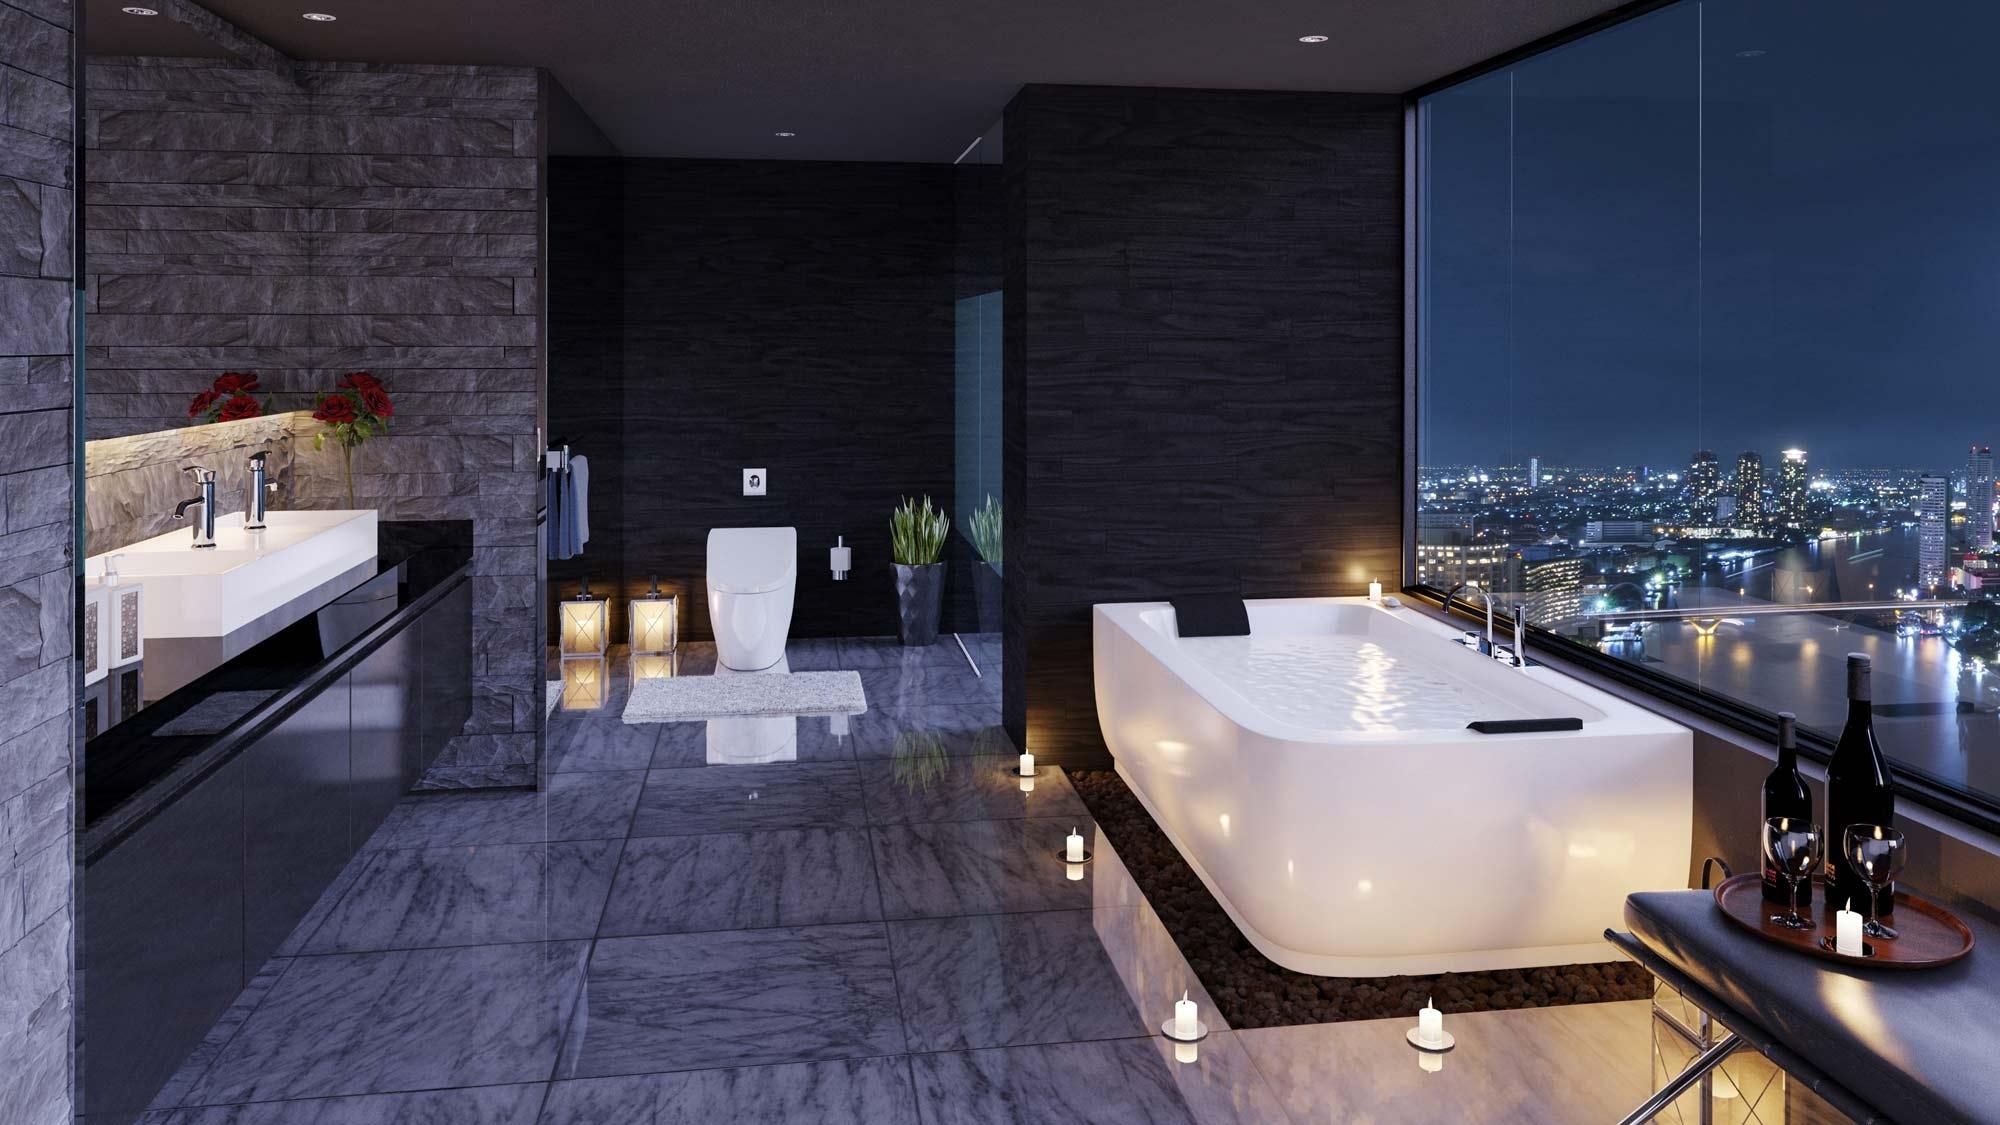 Cómo crear baños acogedores | Vistazo